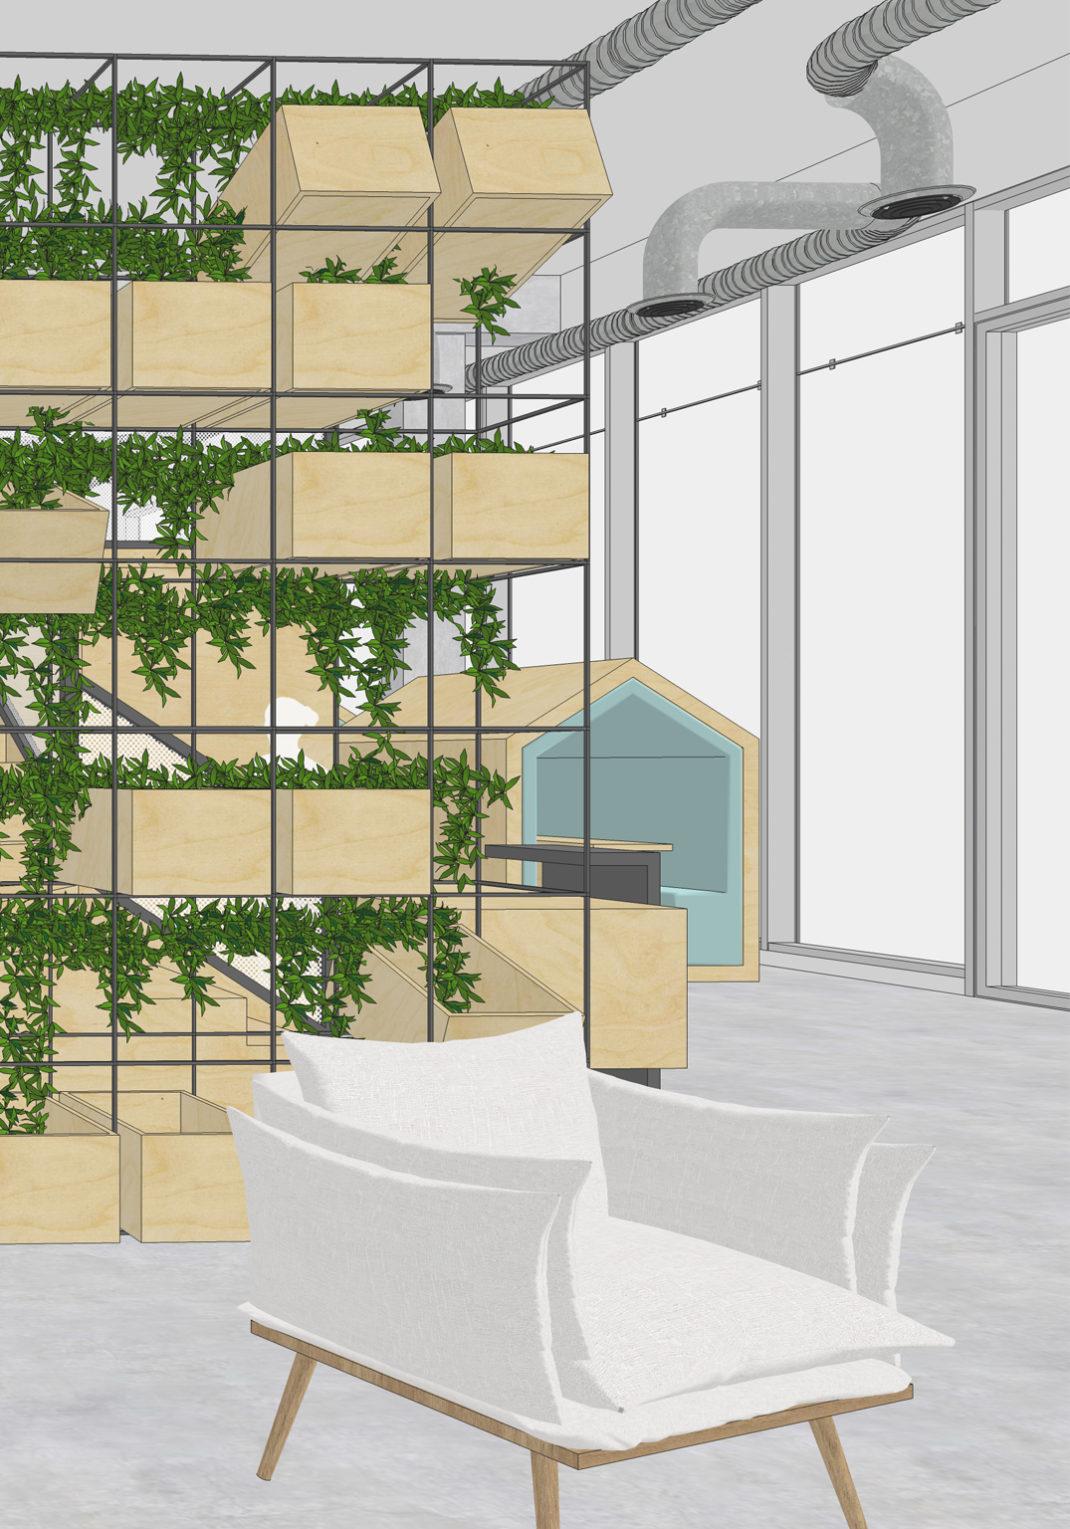 Rénovation du hall d'accueil du siège social de Véalis immobilier